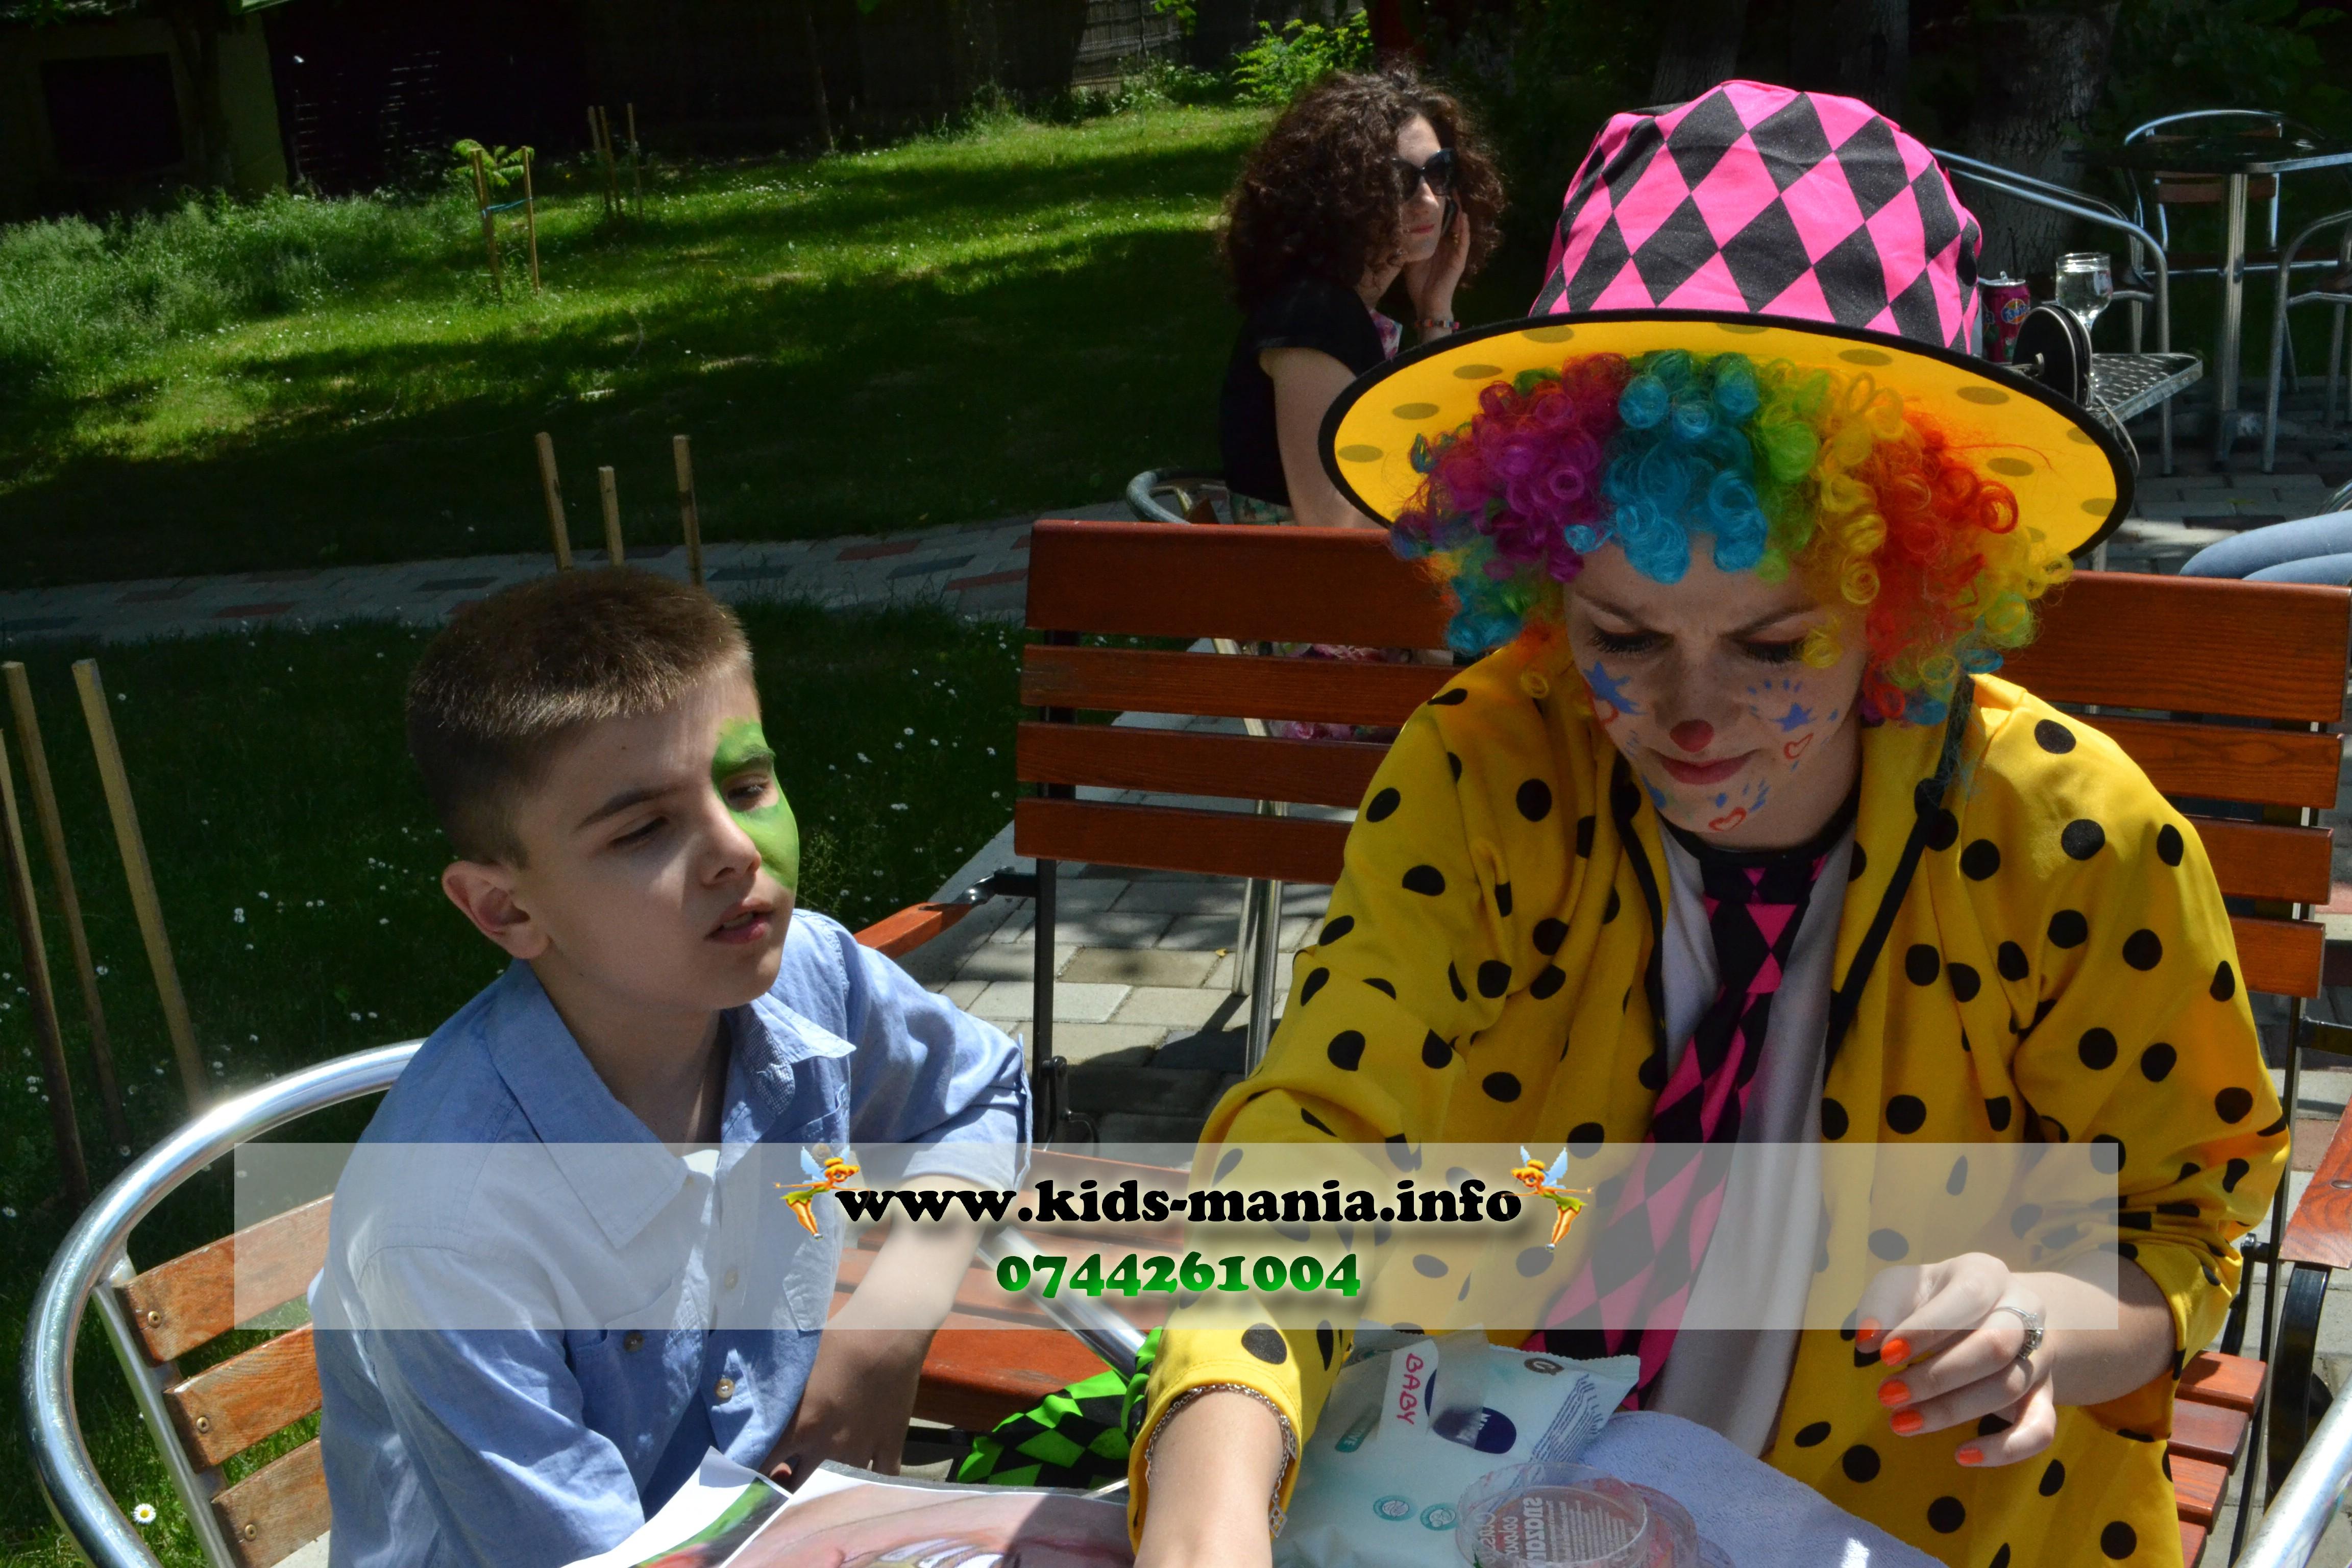 Organizari petreceri copii la domiciliu in Iasi